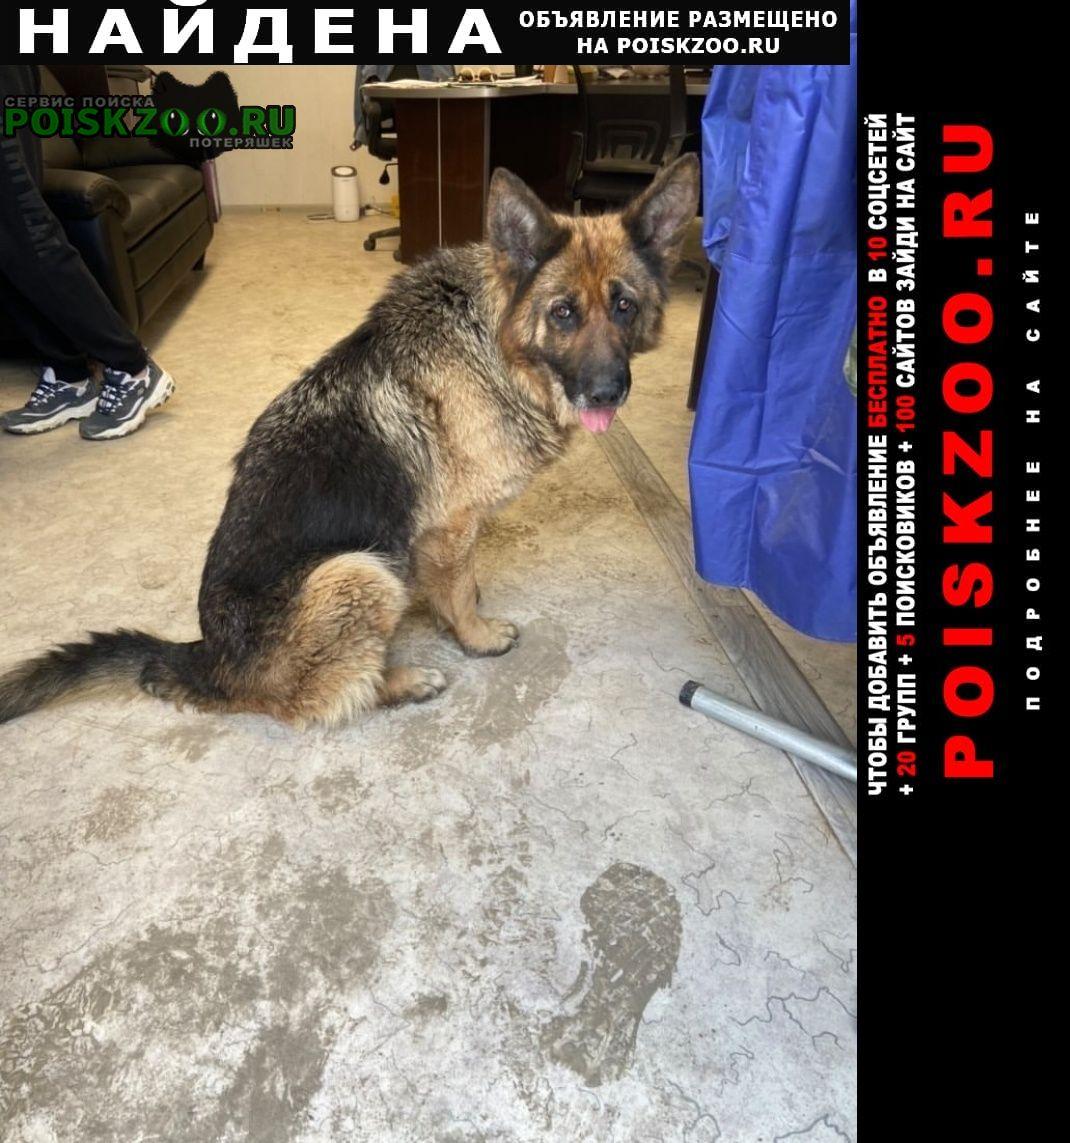 Найдена собака Аксай (Ростовская обл.)